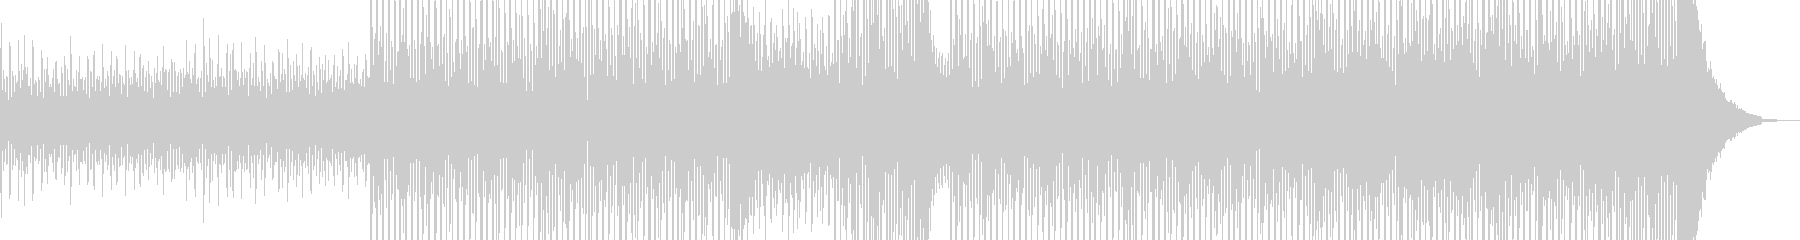 清涼感溢れるヒーリングテクノ Bの未再生の波形